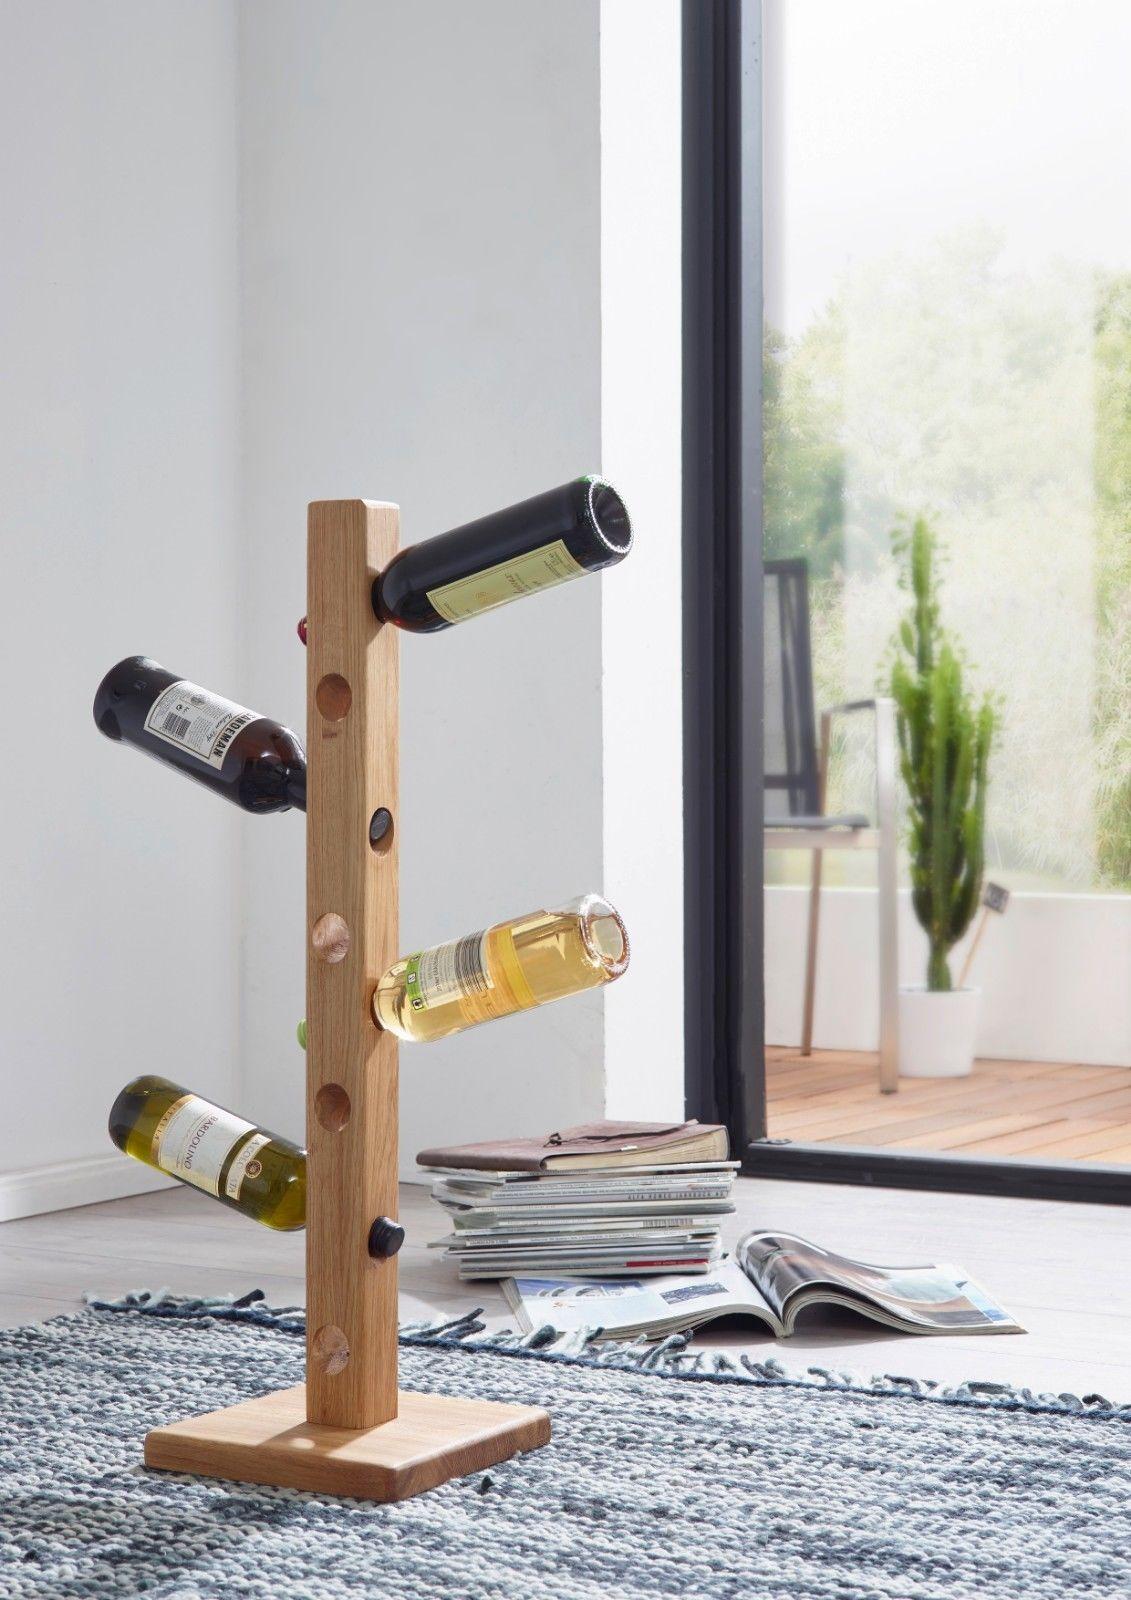 Full Size of Ideen Kleine Küche Aufbewahrung Ikea Hacks Küche Aufbewahrung Plastikfreie Küche Aufbewahrung Küche Aufbewahrung Hängend Küche Küche Aufbewahrung